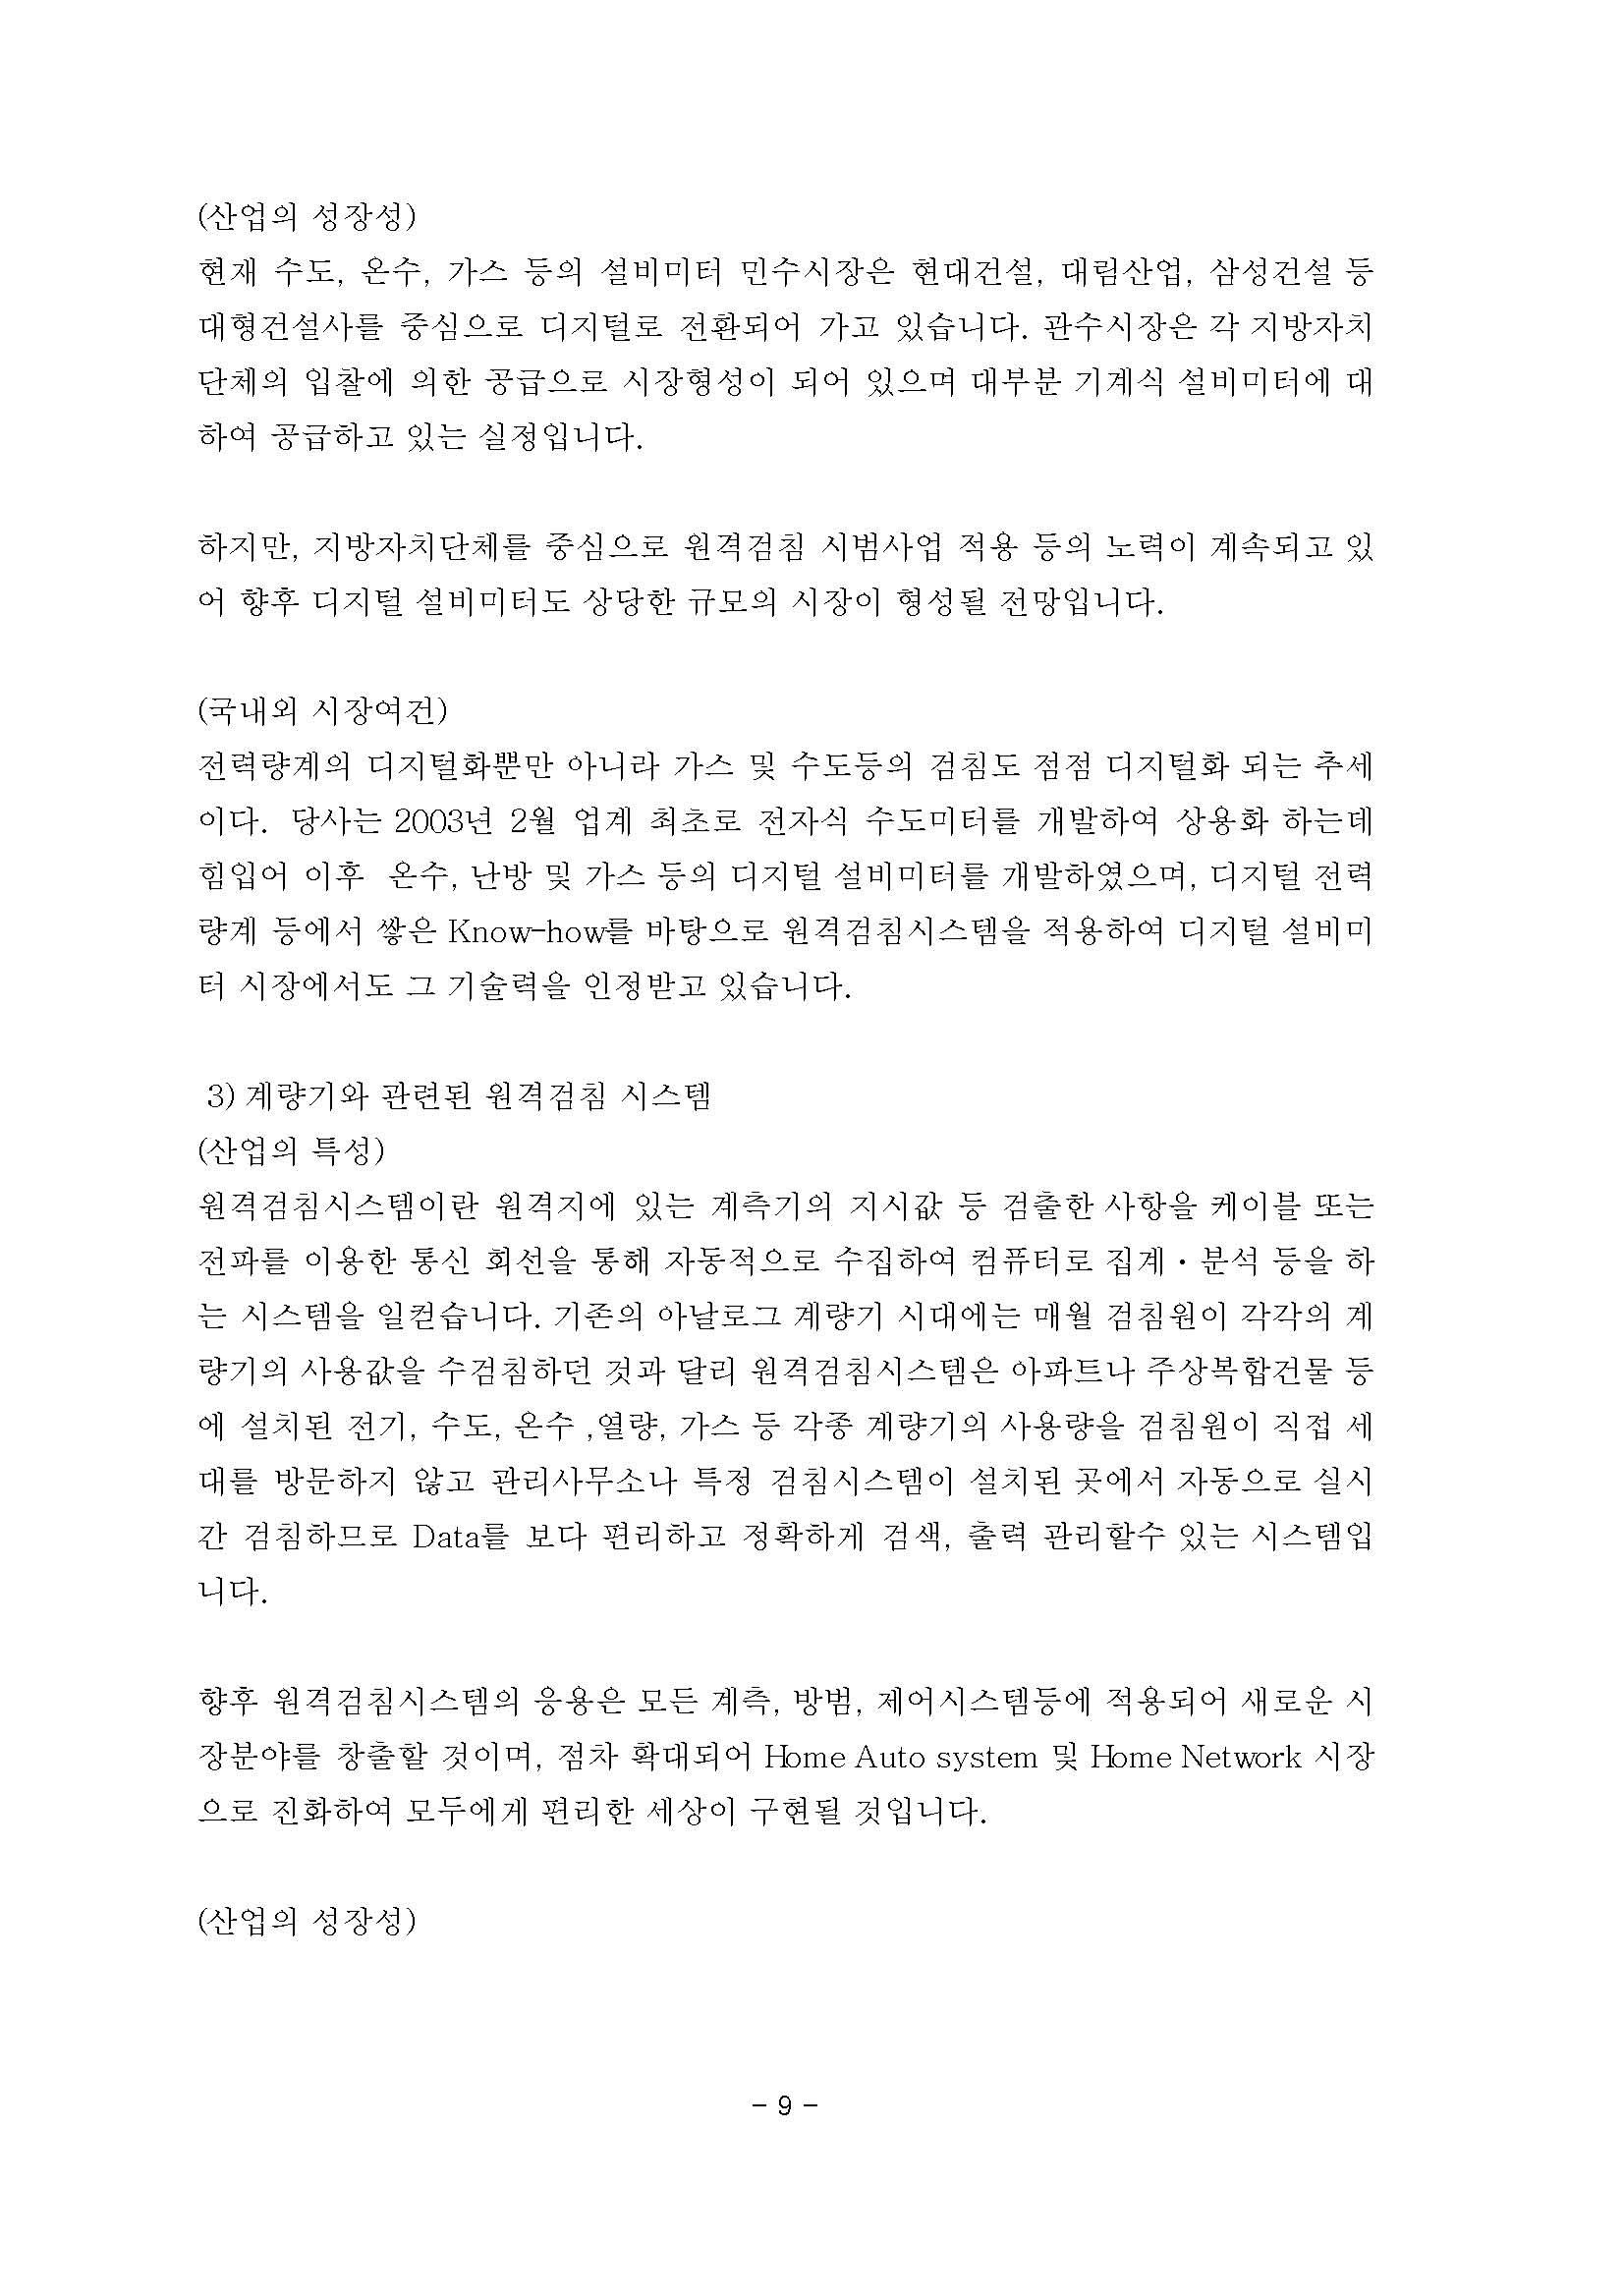 20160311 주주총회 소집공고-옴니시스템_페이지_10.jpg